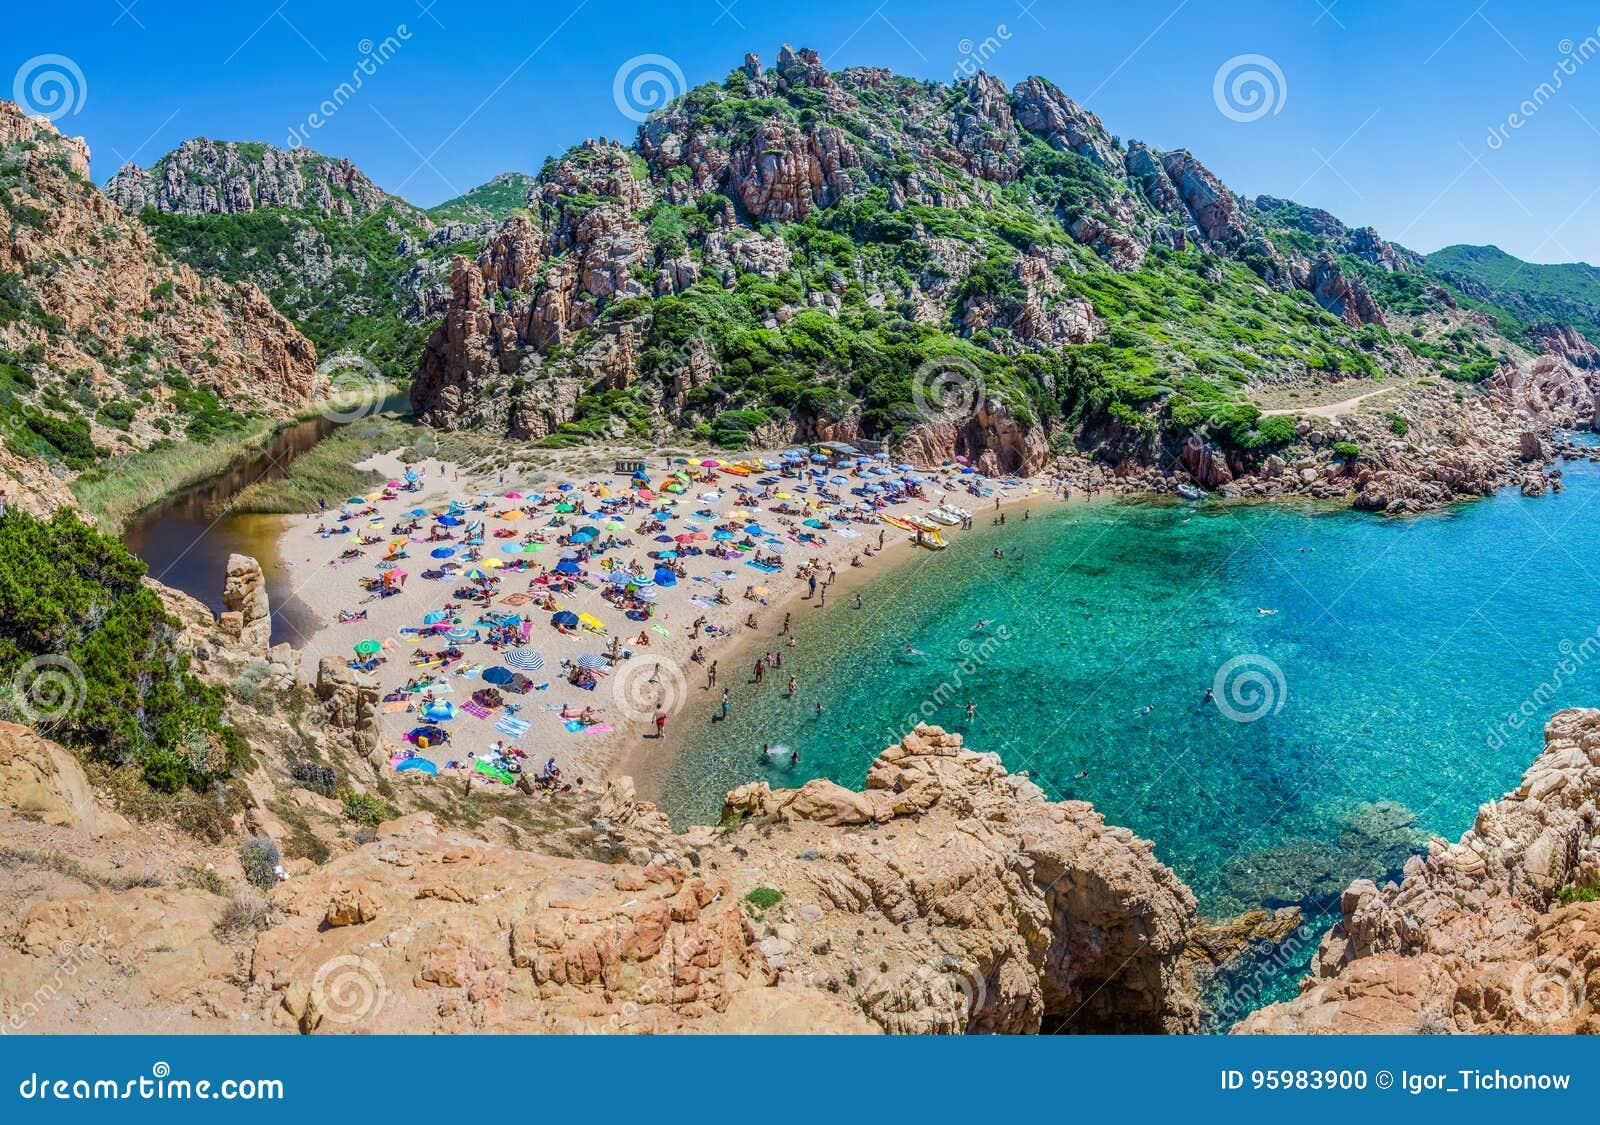 Ζωηρόχρωμες ομπρέλες θαλάσσης τουριστών στην παραλία Paradiso πλευρών, Σαρδηνία, Ιταλία